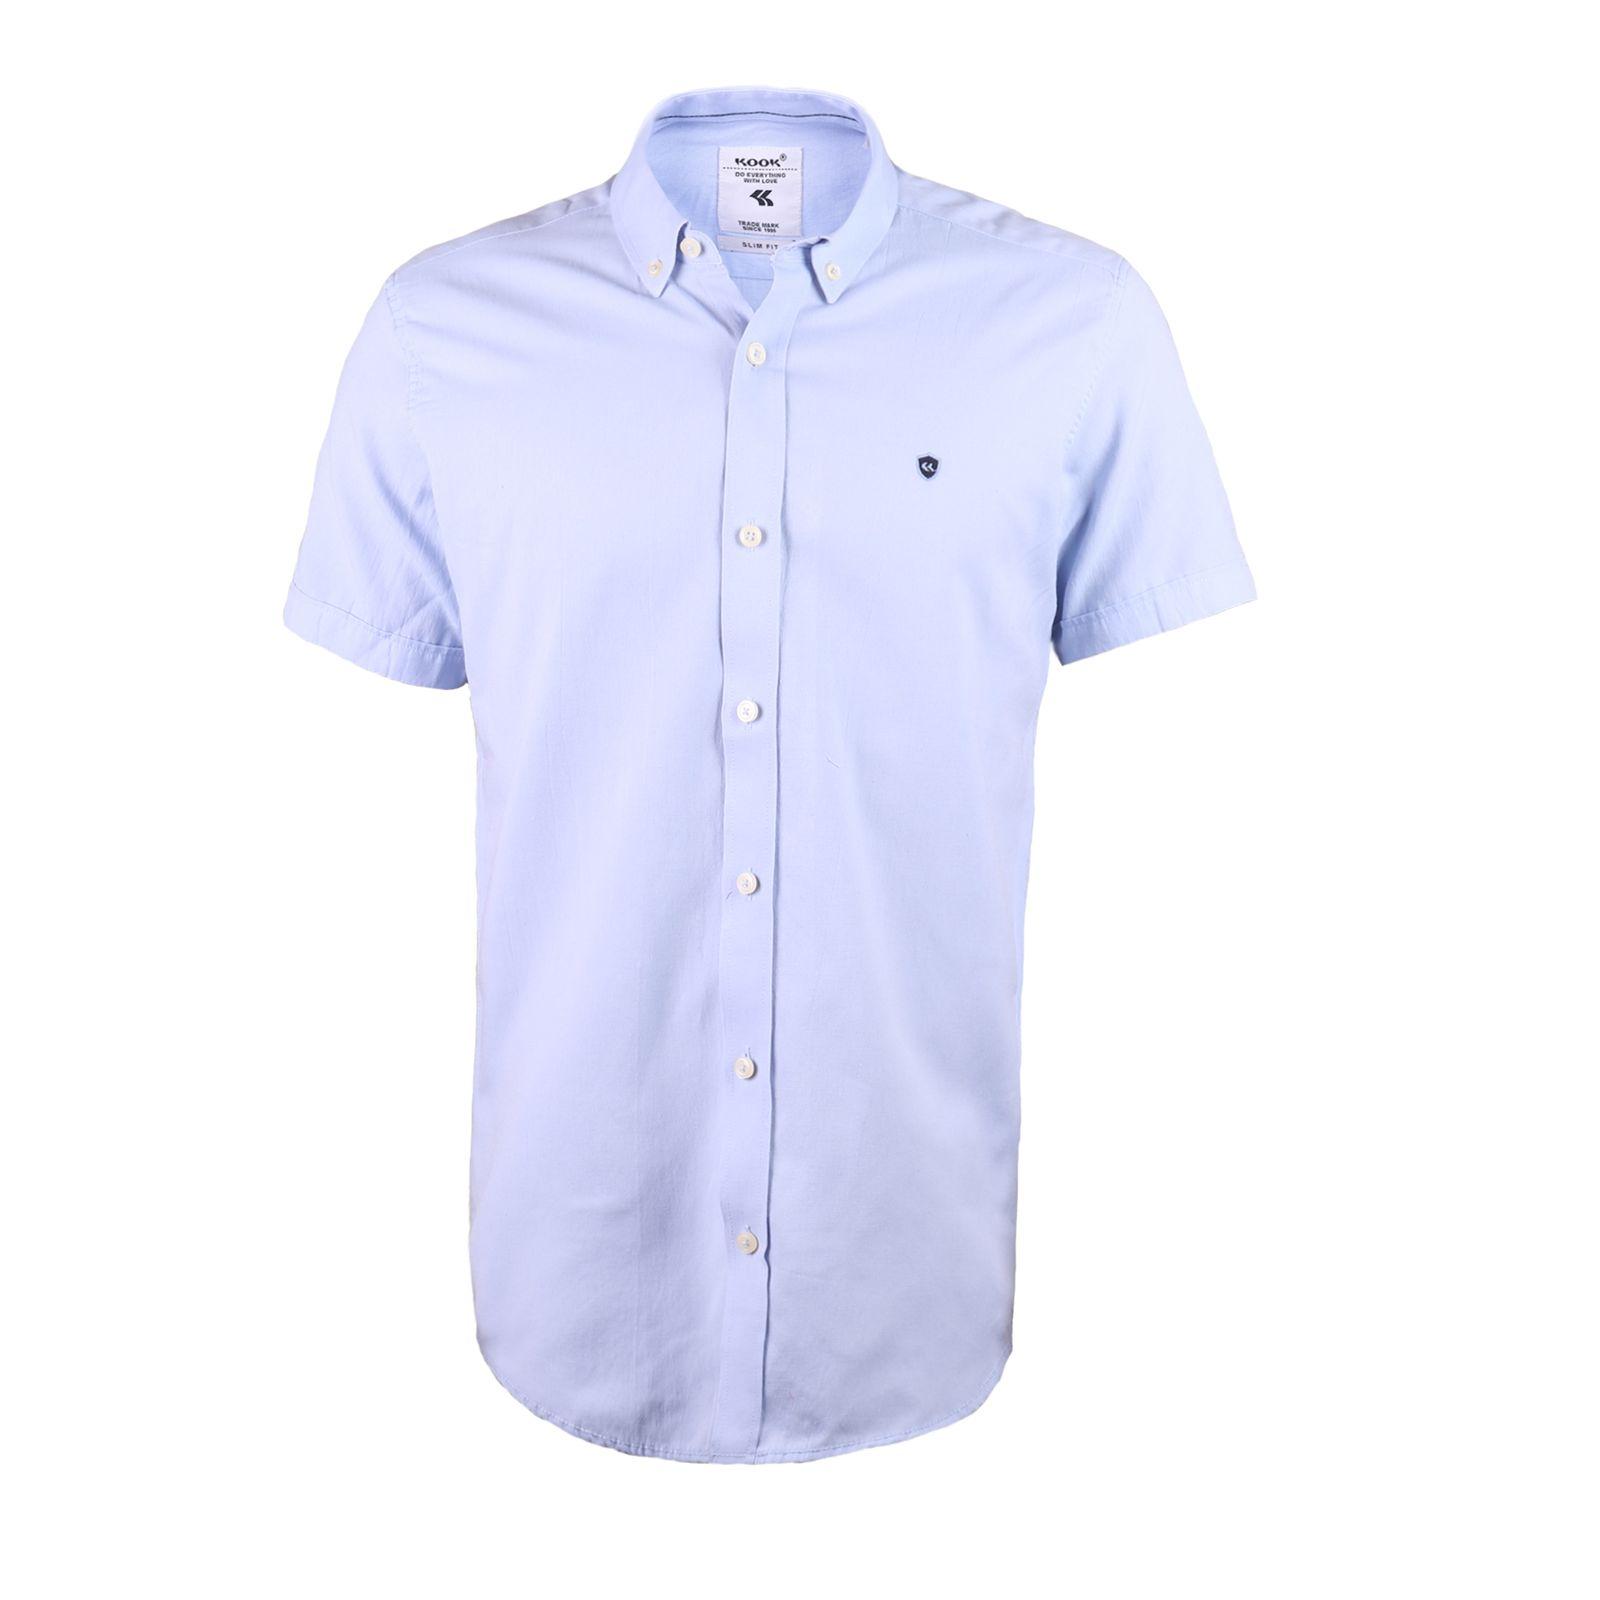 پیراهن مردانه کوک تریکو مدل 61727 -  - 2